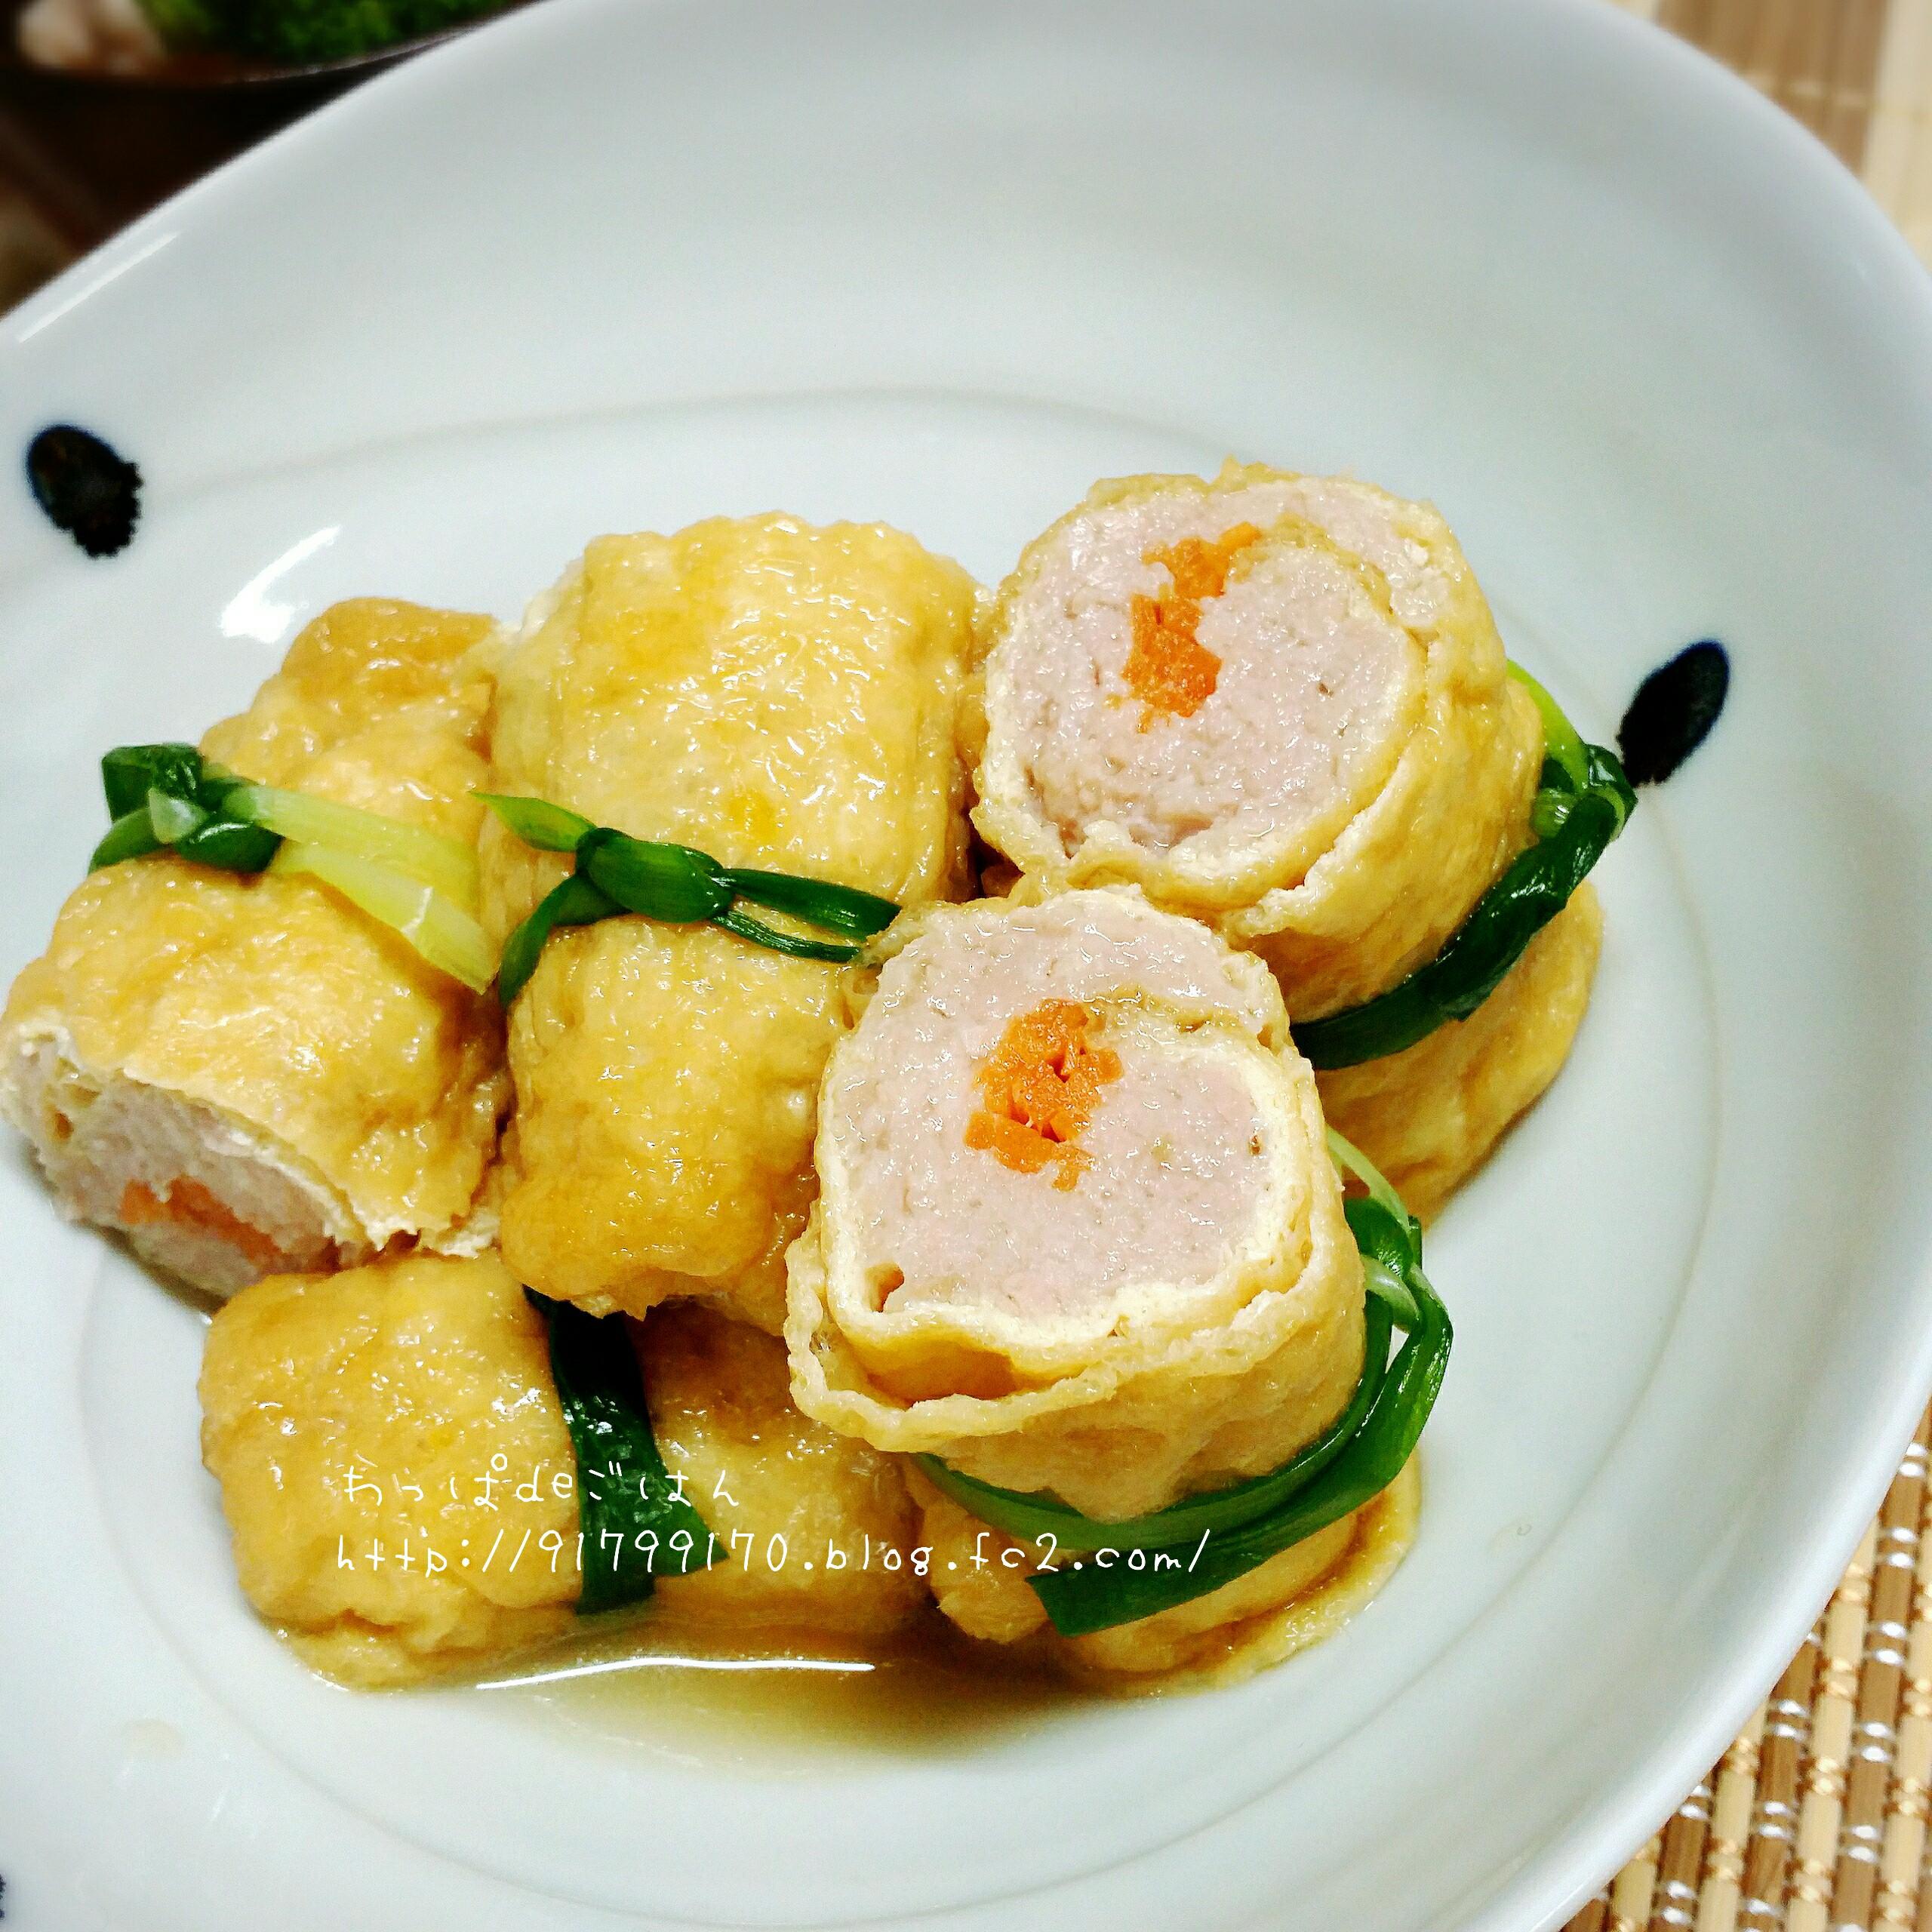 鶏ミンチの揚げ巻き炊き合わせ